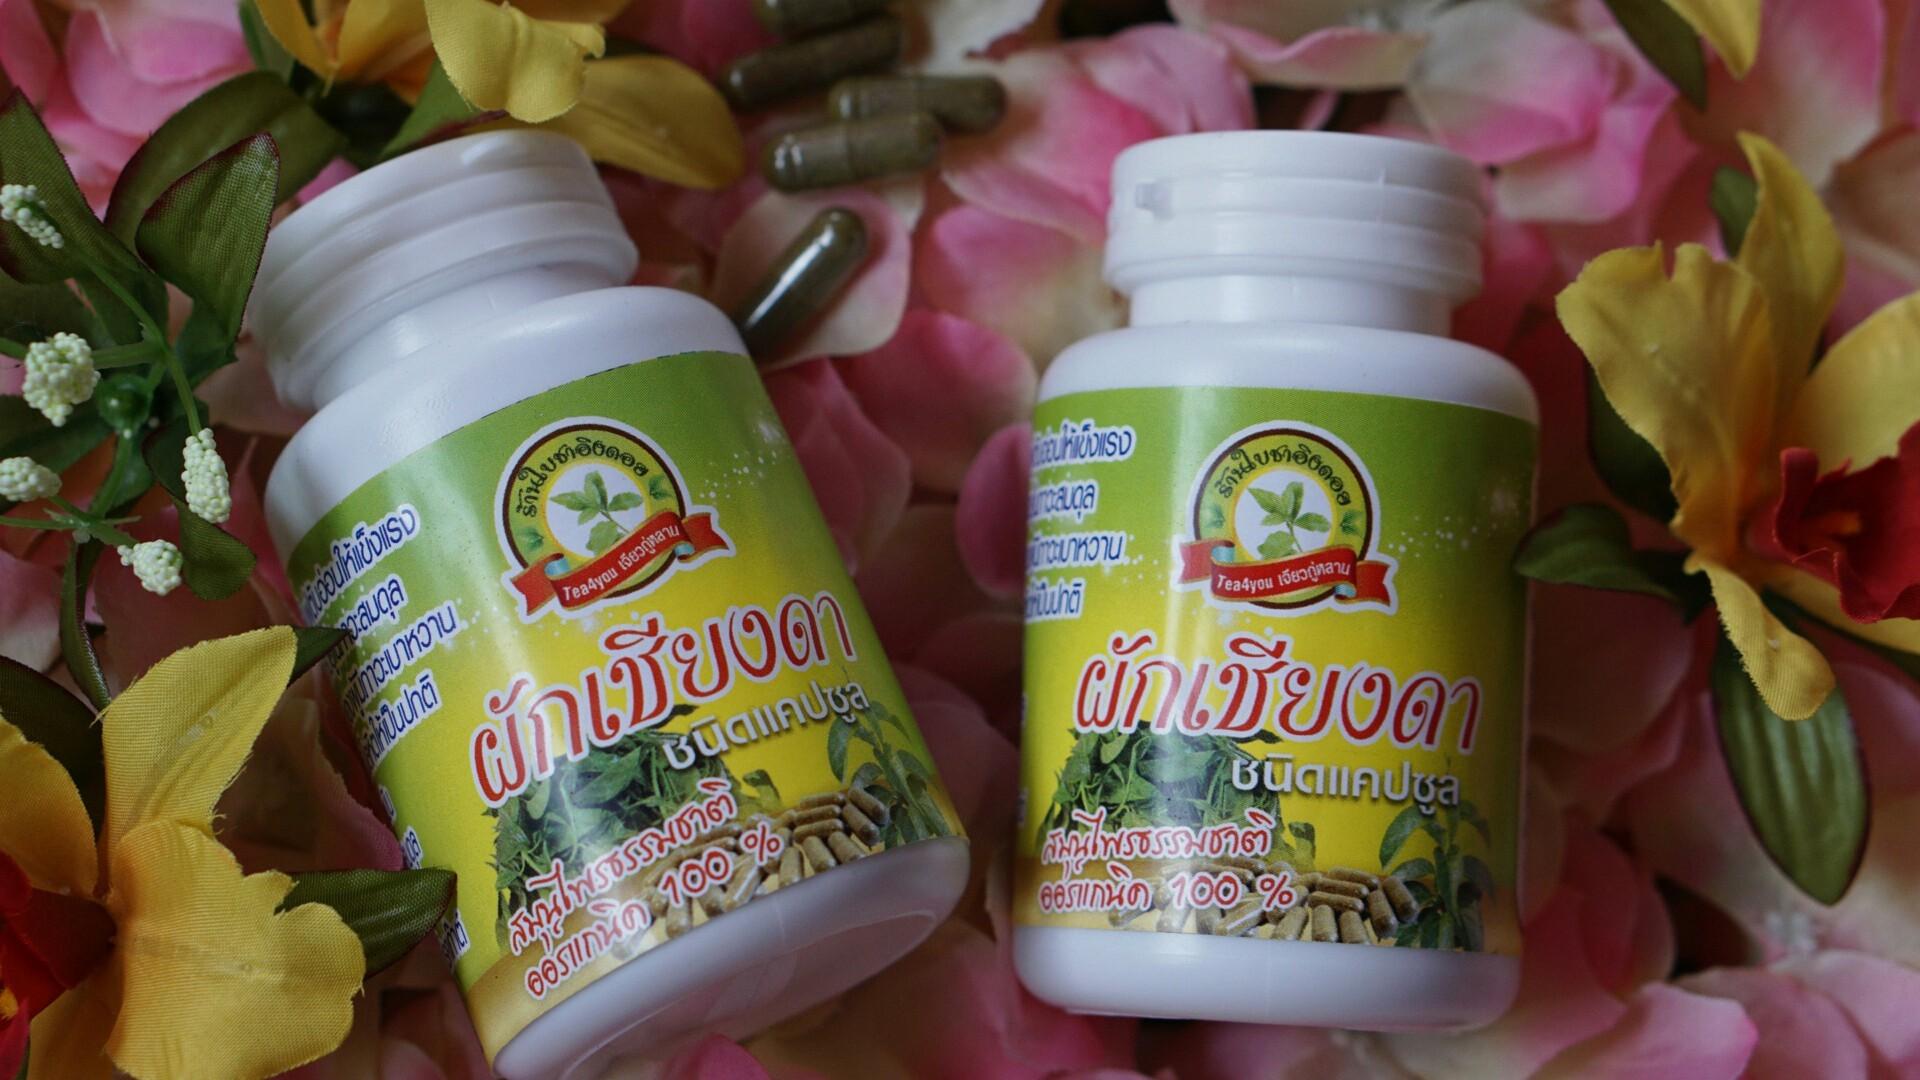 ผักเชียงดาชนิดเม็ด บรรจุ 60 แคปซูล สมุนไพรพื้นบ้าน ราชินีของผักพื้นบ้านทางภาคเหนือ ชาเชียงดาออร์แกนิก สำหรับผู้ที่มีปัญหาระดับน้ำตาลในเลือดสูง ช่วยปรับระดับอินซูลินในร่ายกายให้อยู่ในสภาวะที่สมดุล วิตามิน C และ E สูง ชะลอความชรา ช่วยลดน้ำหนักได้